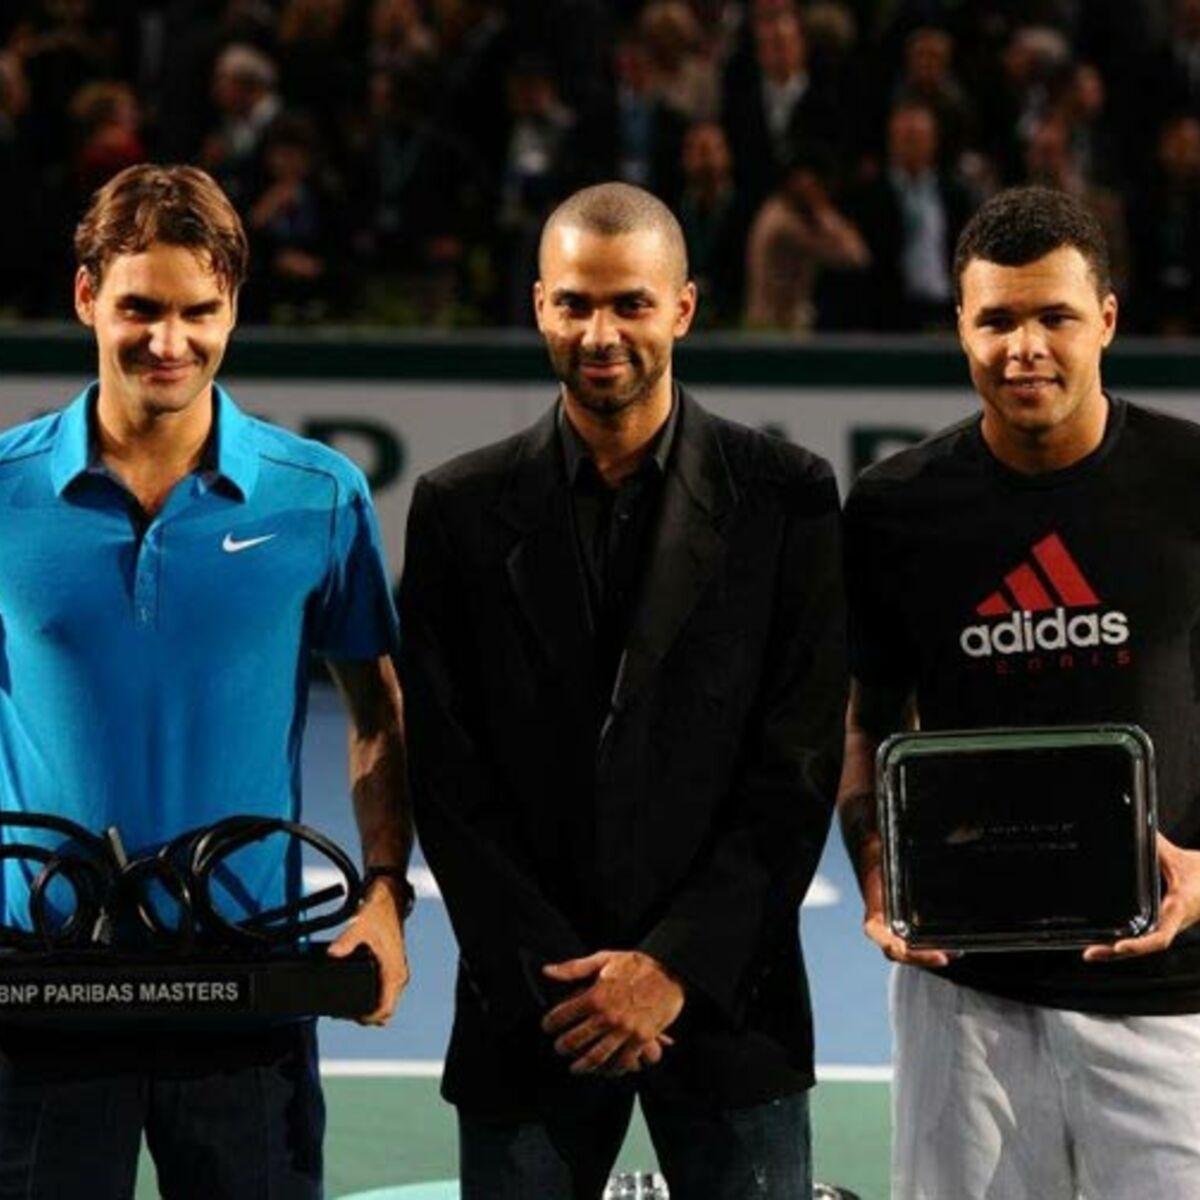 Tennis - Statistiques des rencontres opposant deux sportifs - Hommes